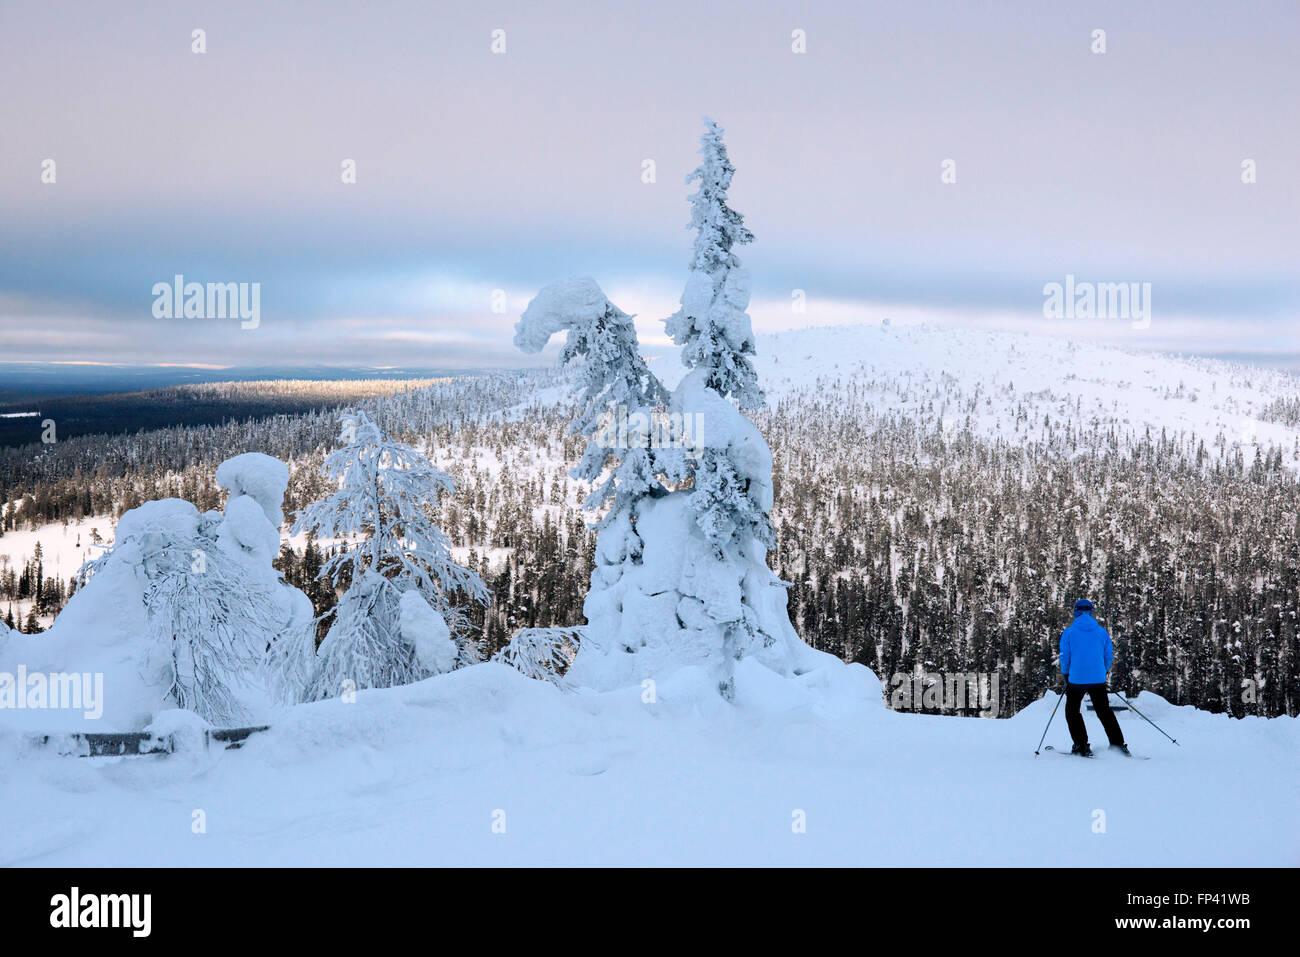 Neve pesante sulla Salla cadde. Salla ski resort. In profondità nel deserto di neve pesantemente laden alberi Immagini Stock